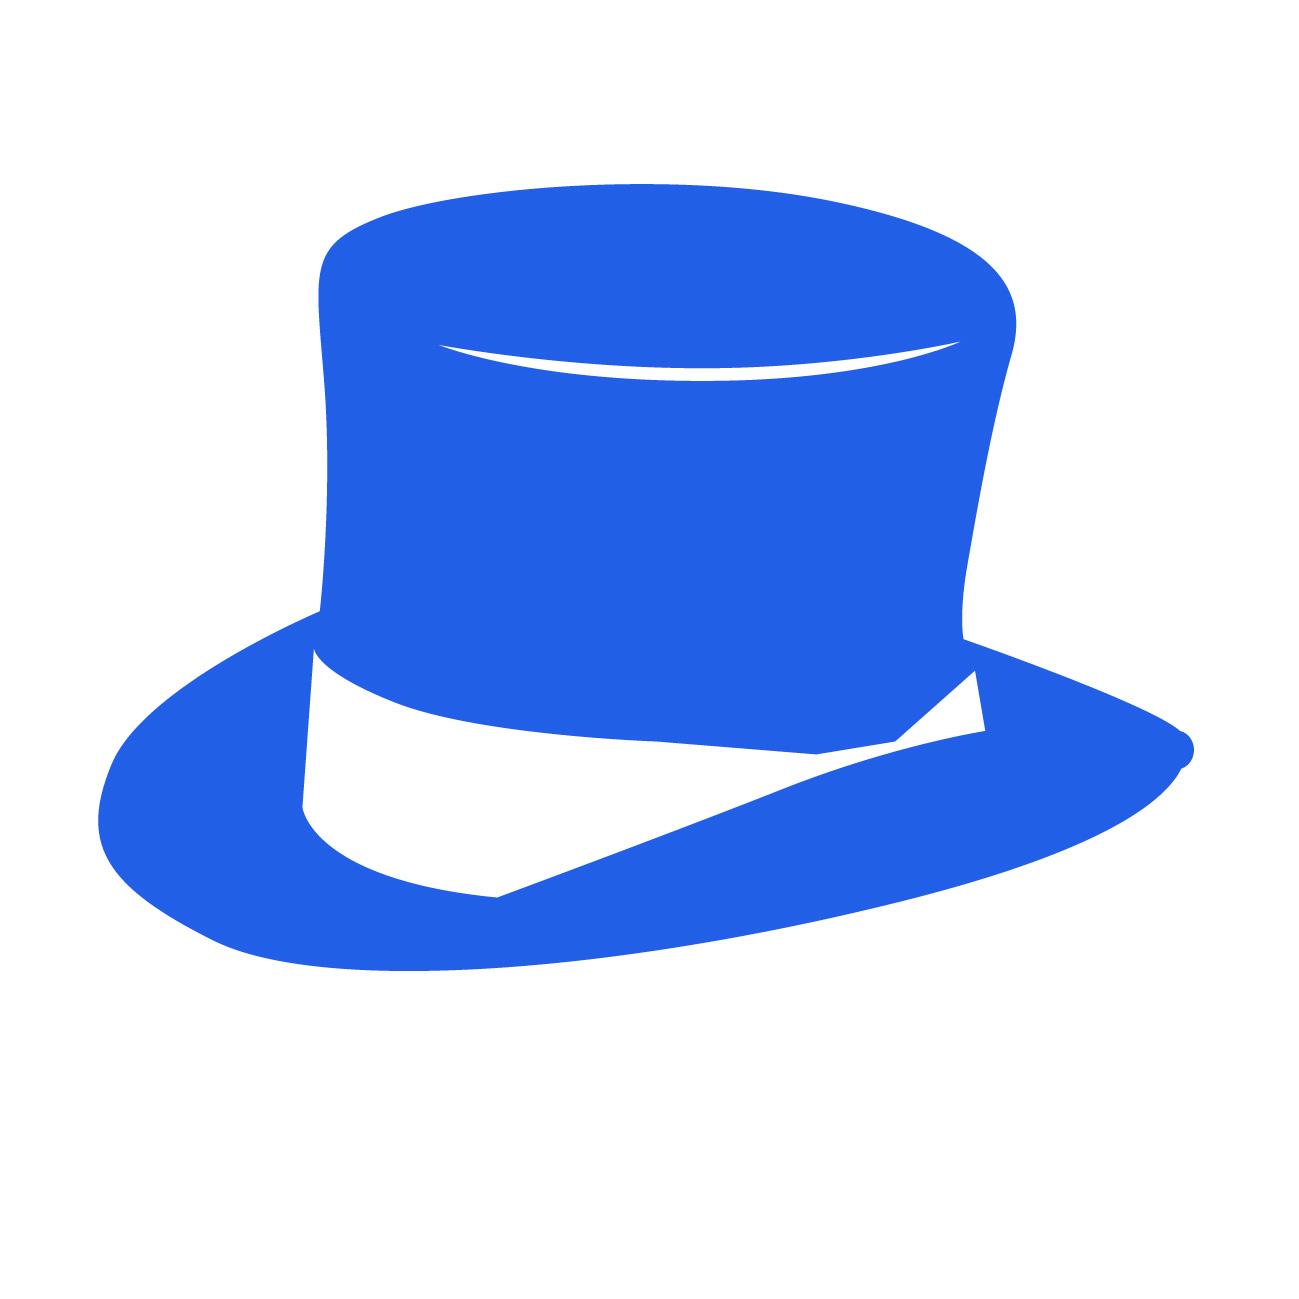 薄毛の人は帽子をかぶりましょう